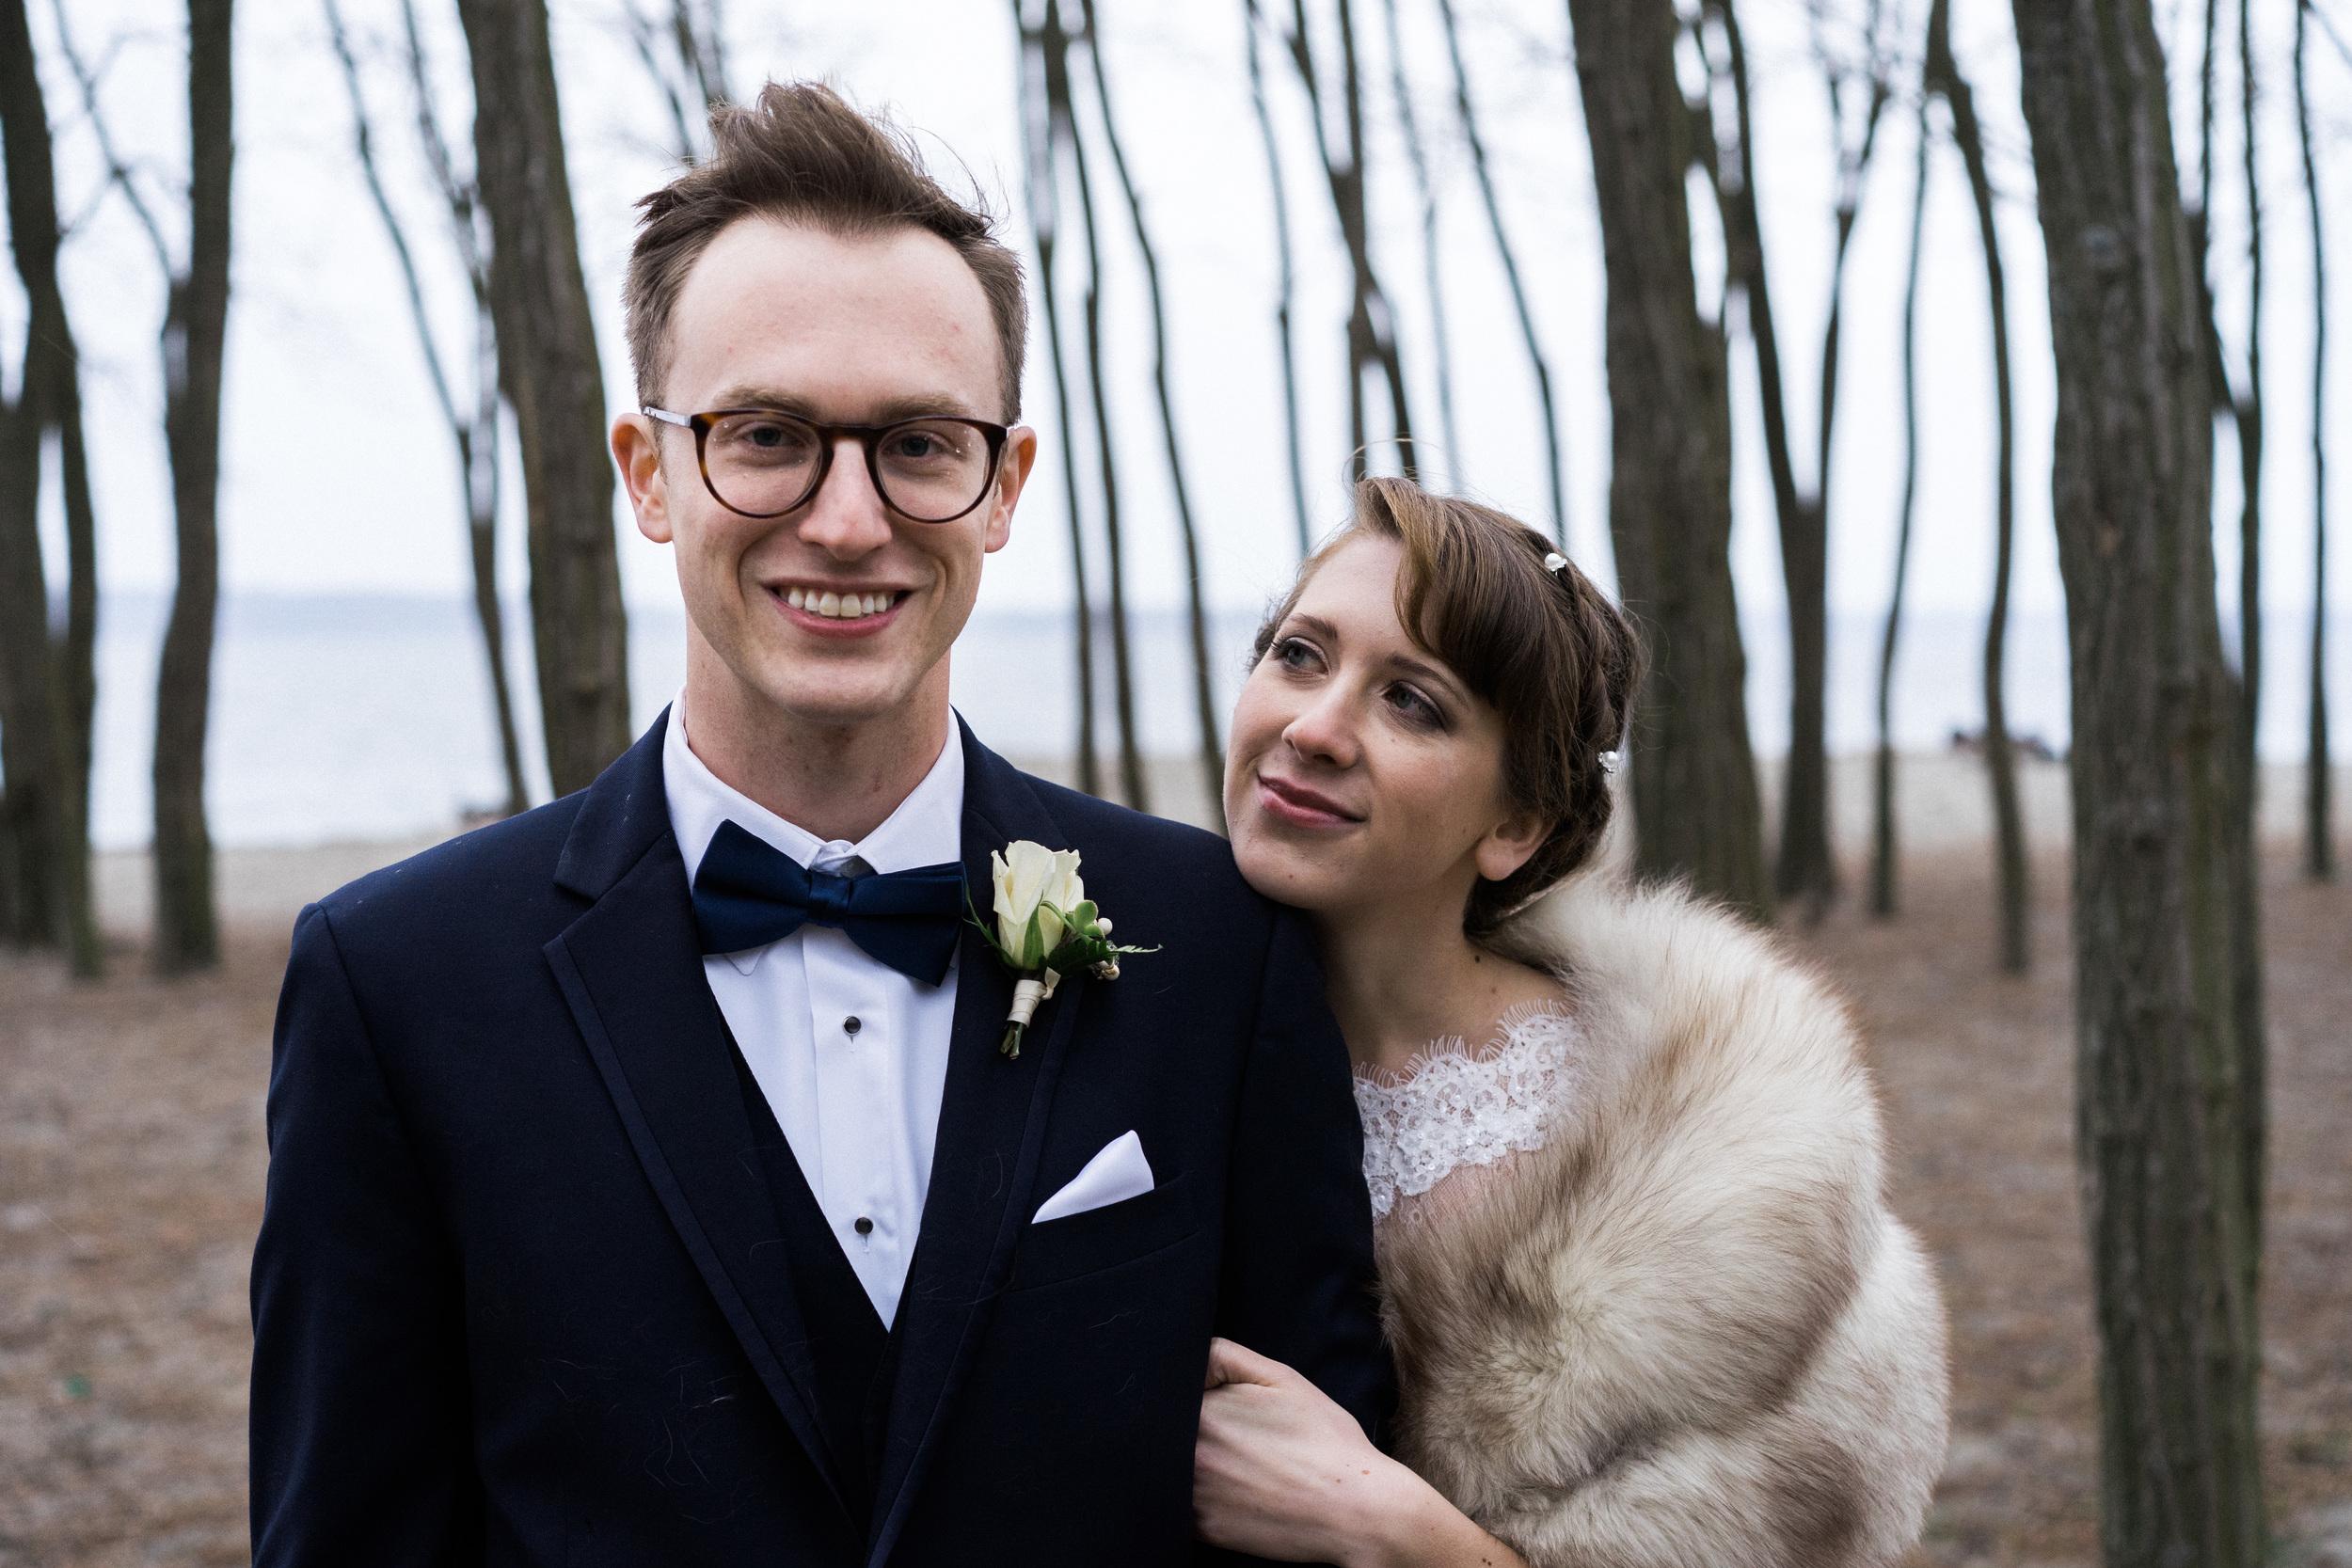 Ben_and_Casey_Krein_Wedding-77.jpg